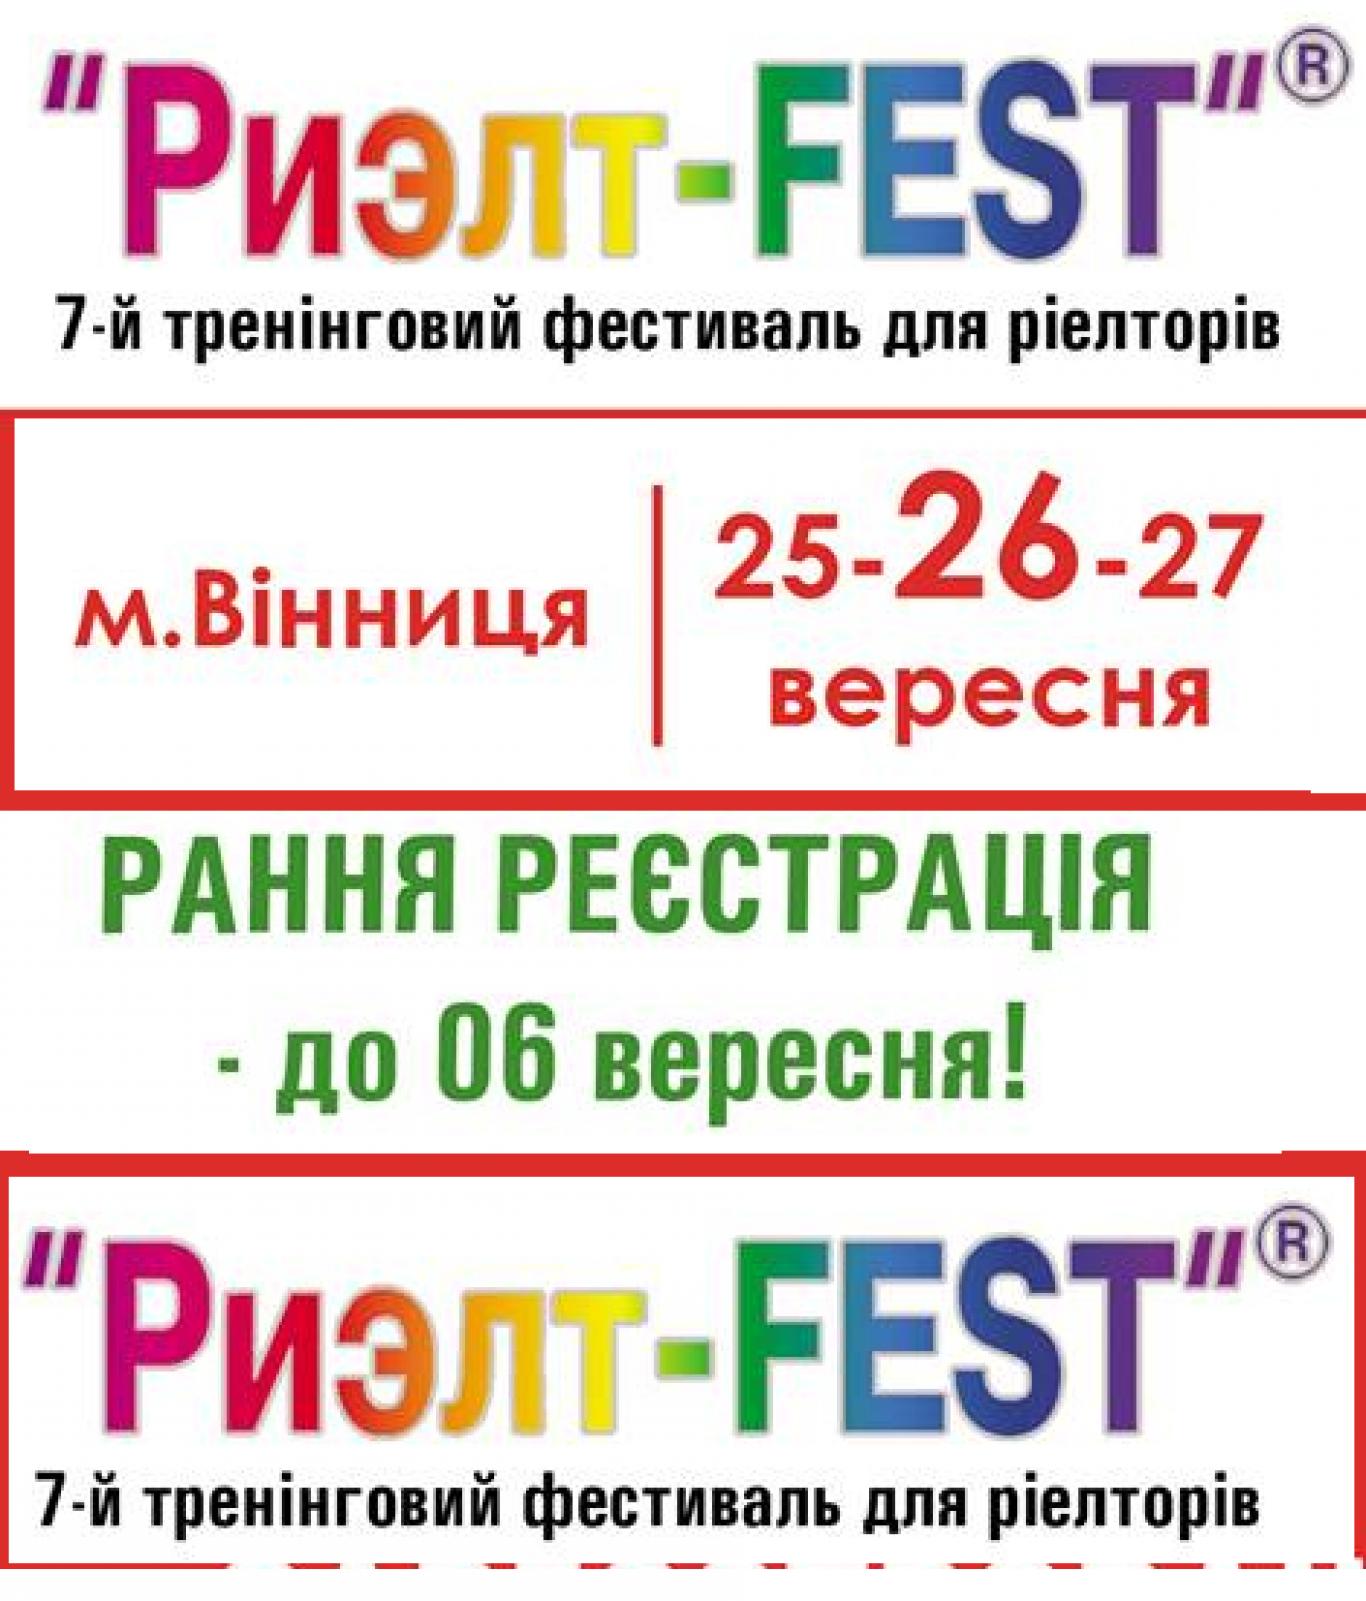 Ріелт-FEST 2015